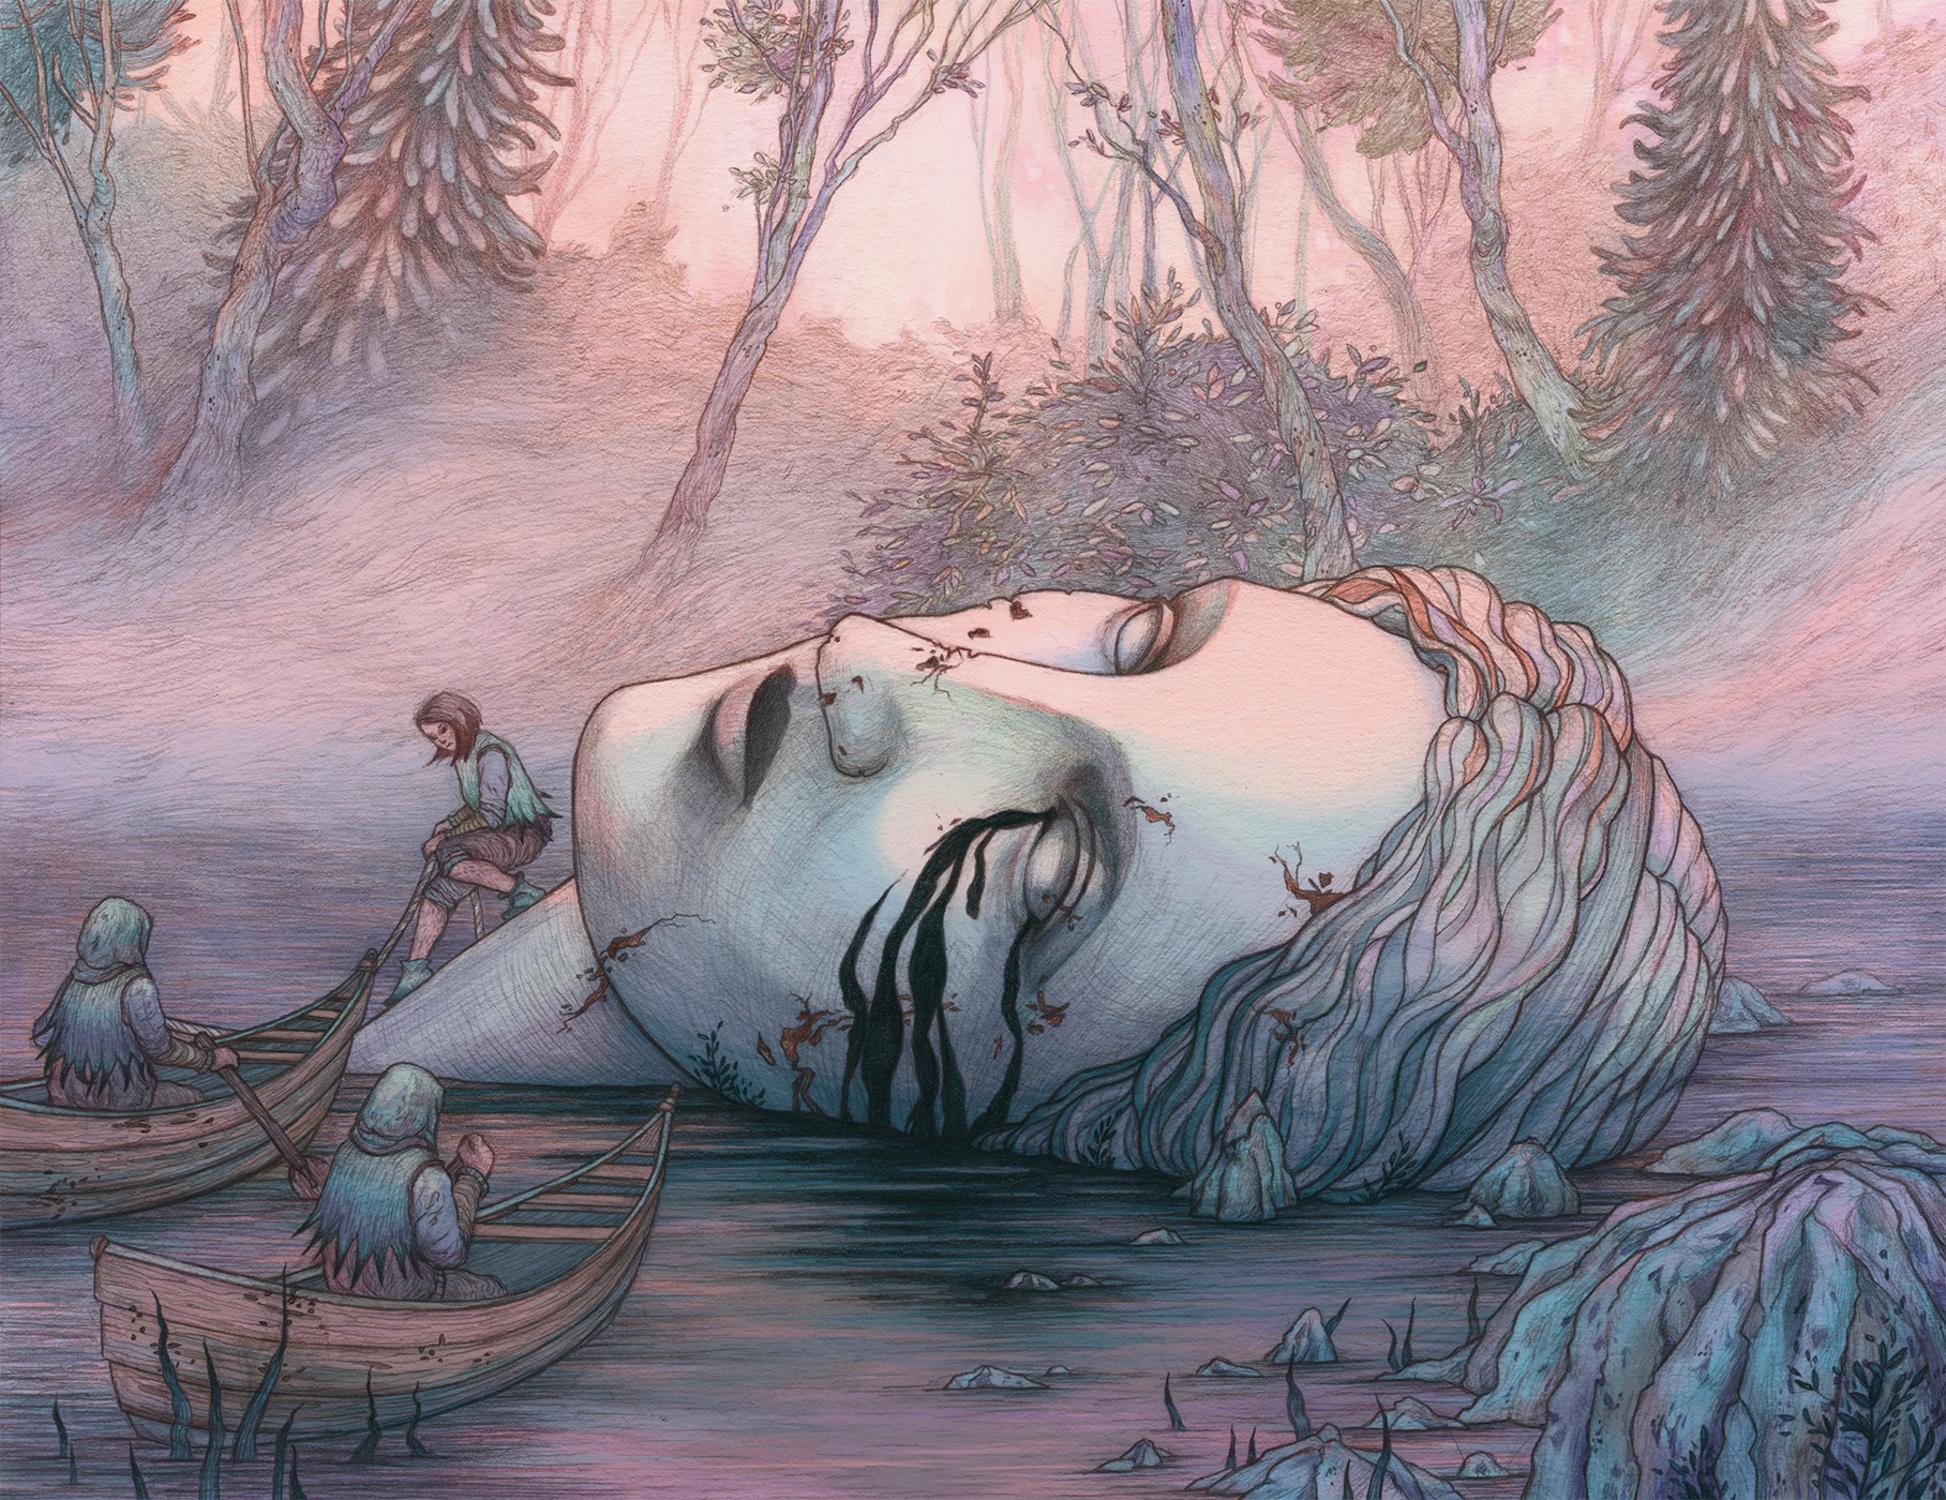 Sorrow Artwork by Rosalie Lettau